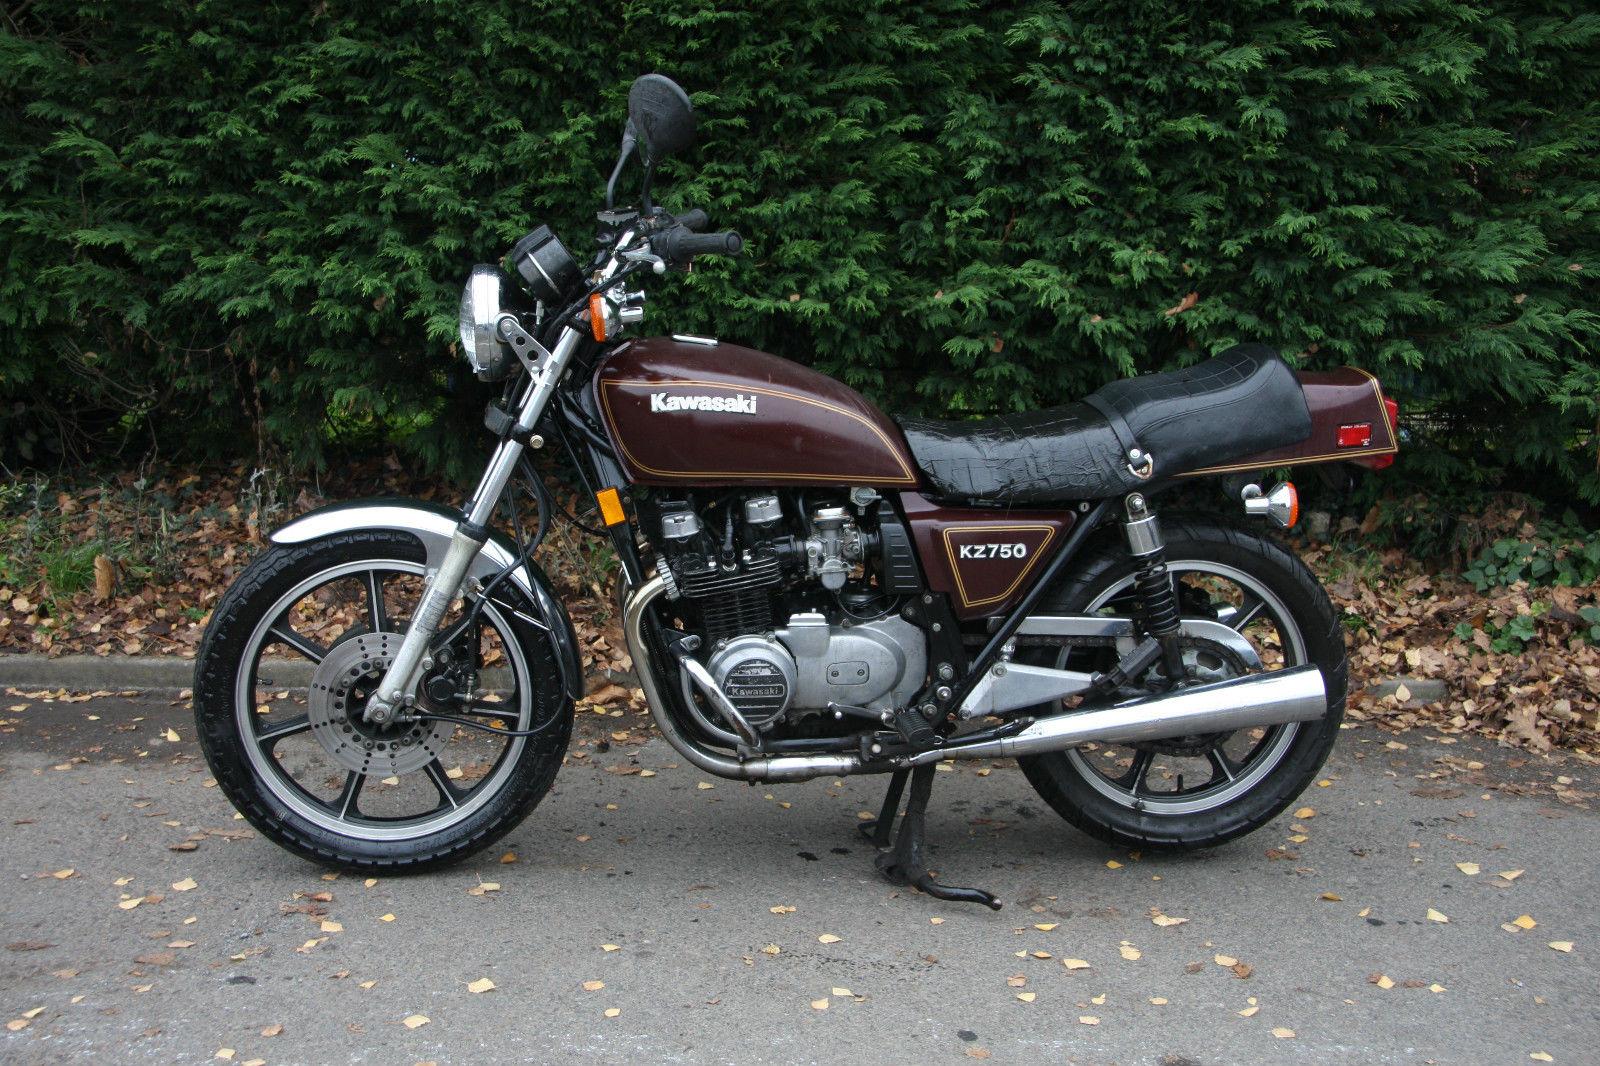 Kawasaki Kz For Sale